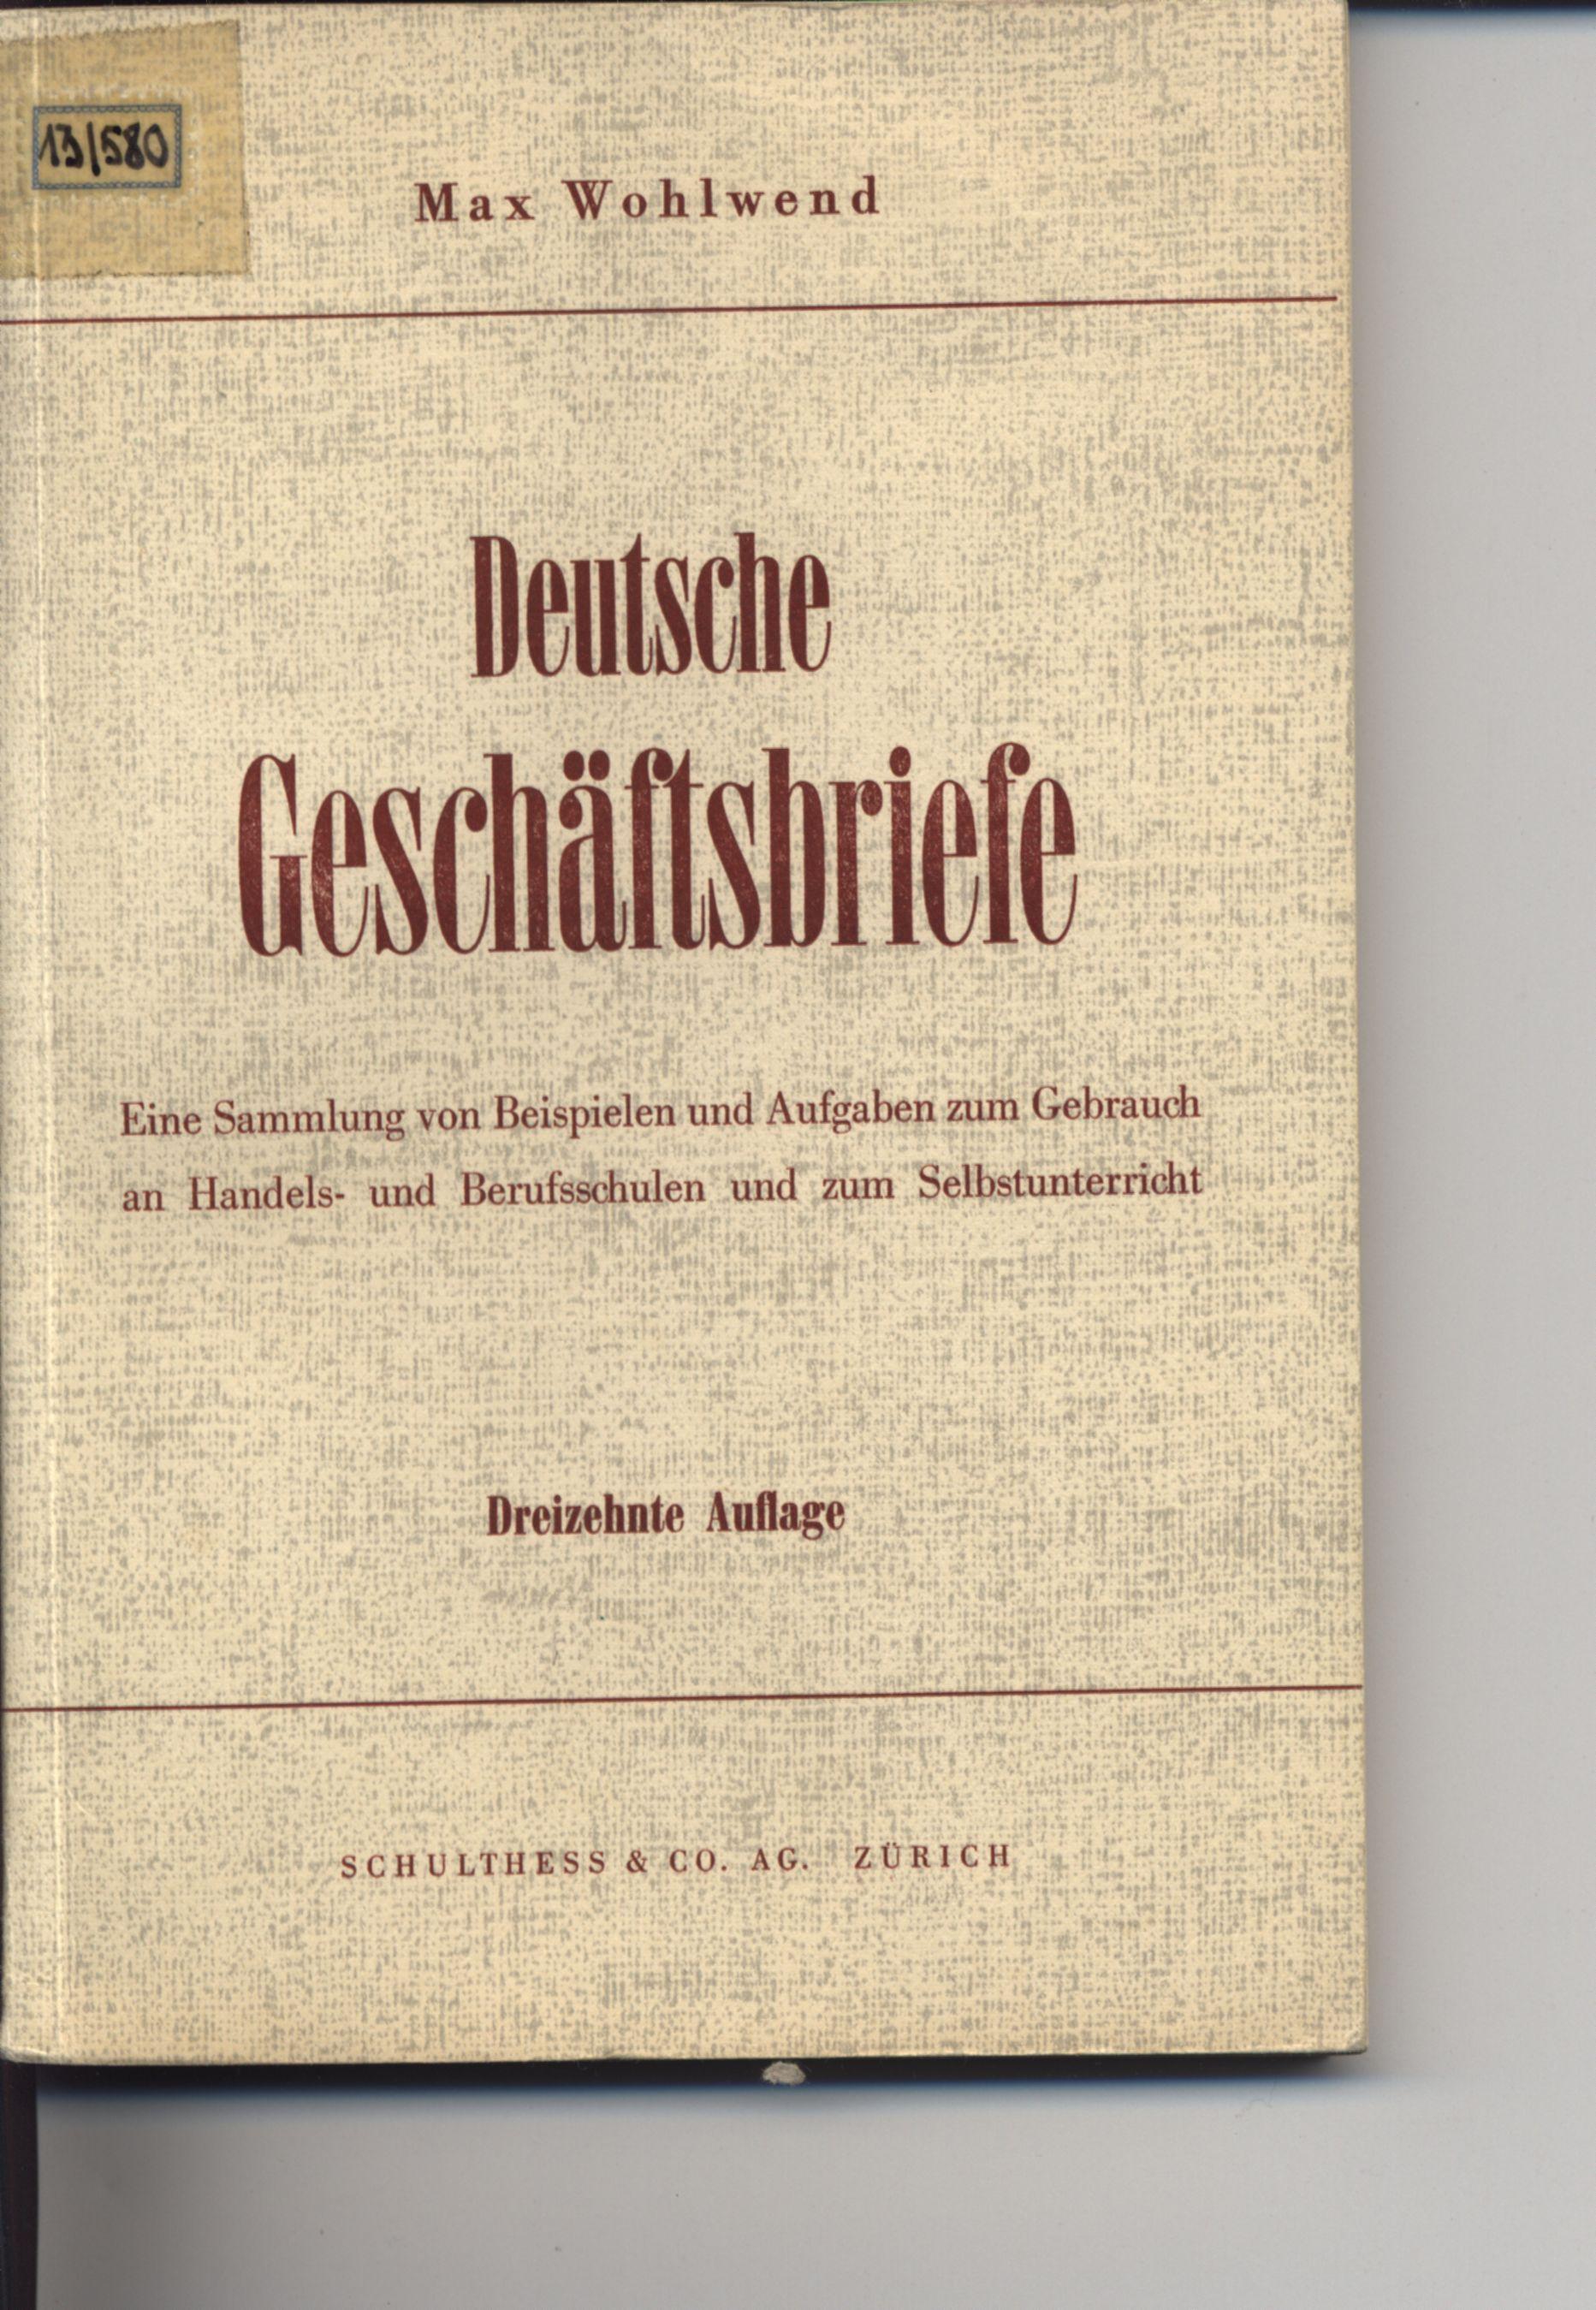 Deutsche Geschäftsbriefe Eine Von Wohlwend Zvab